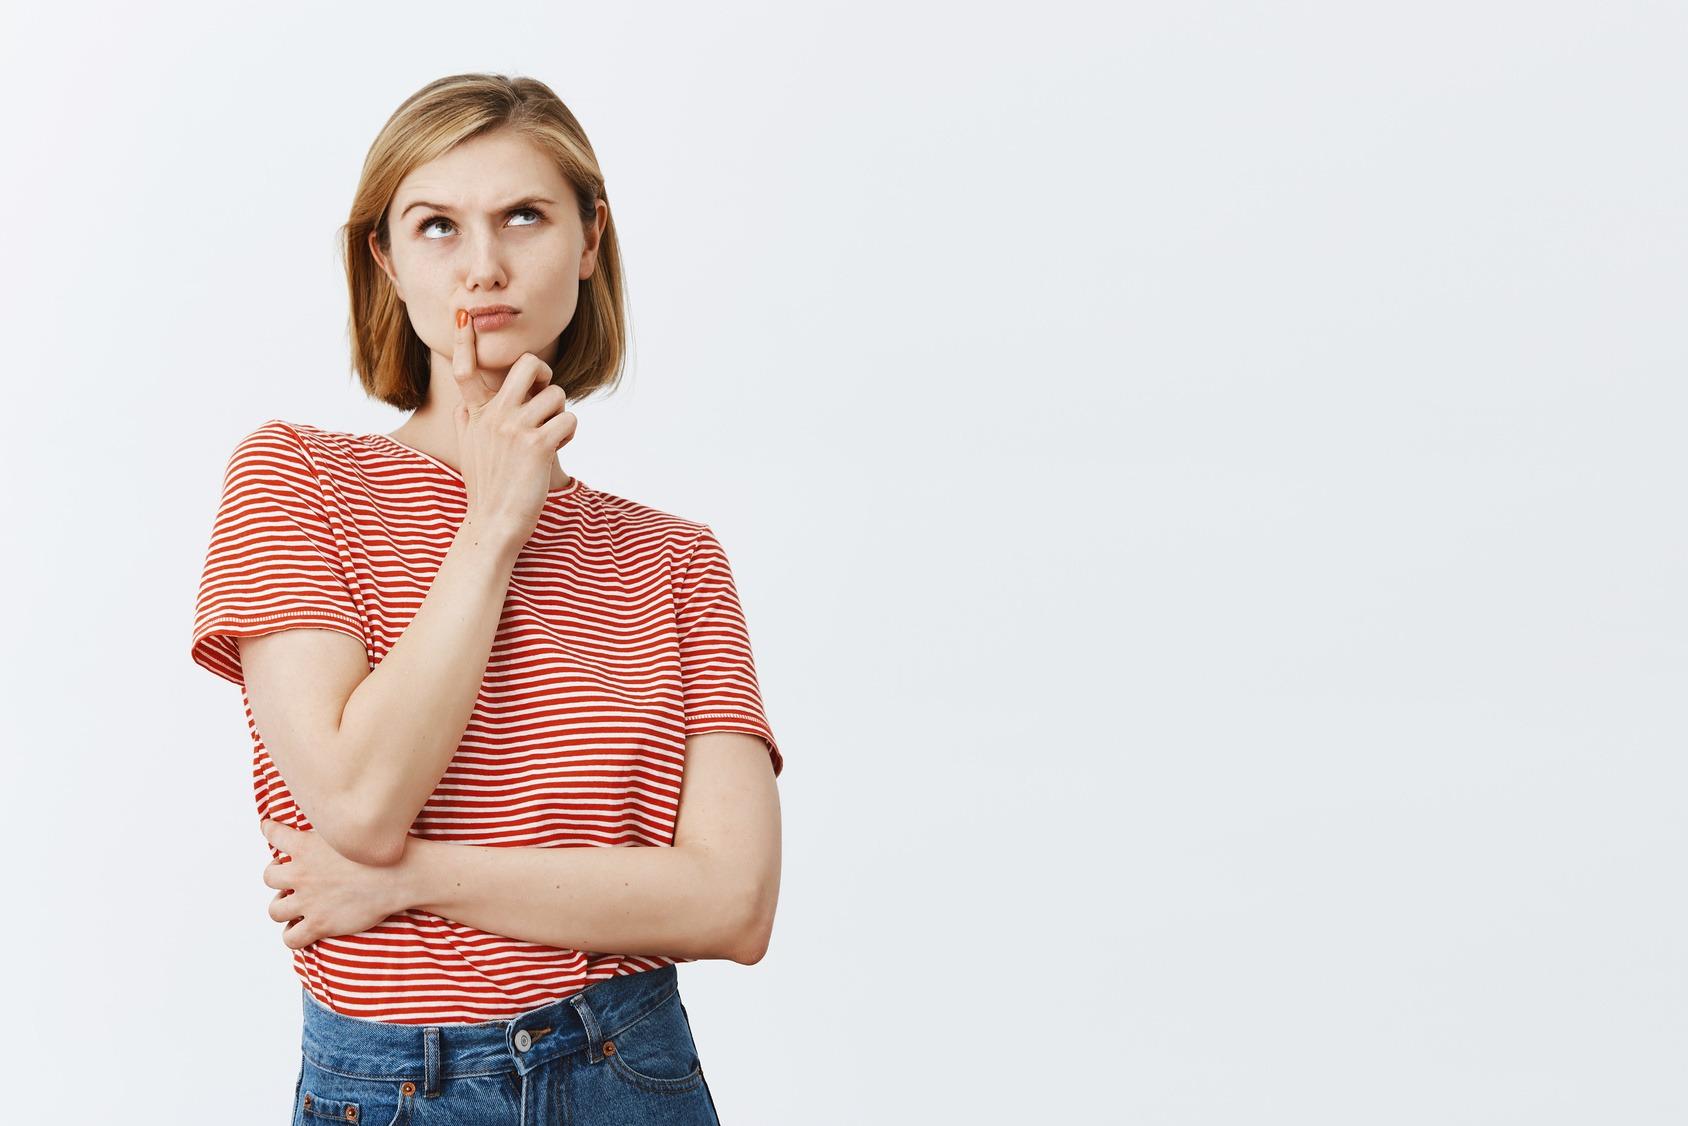 Junge Bewerberin macht die Denker Geste. Eine Augenbraue hochgezogen, der Blick geht nach oben und der Zeigefinger der rechten Hand liegt seitlich auf den Lippen.